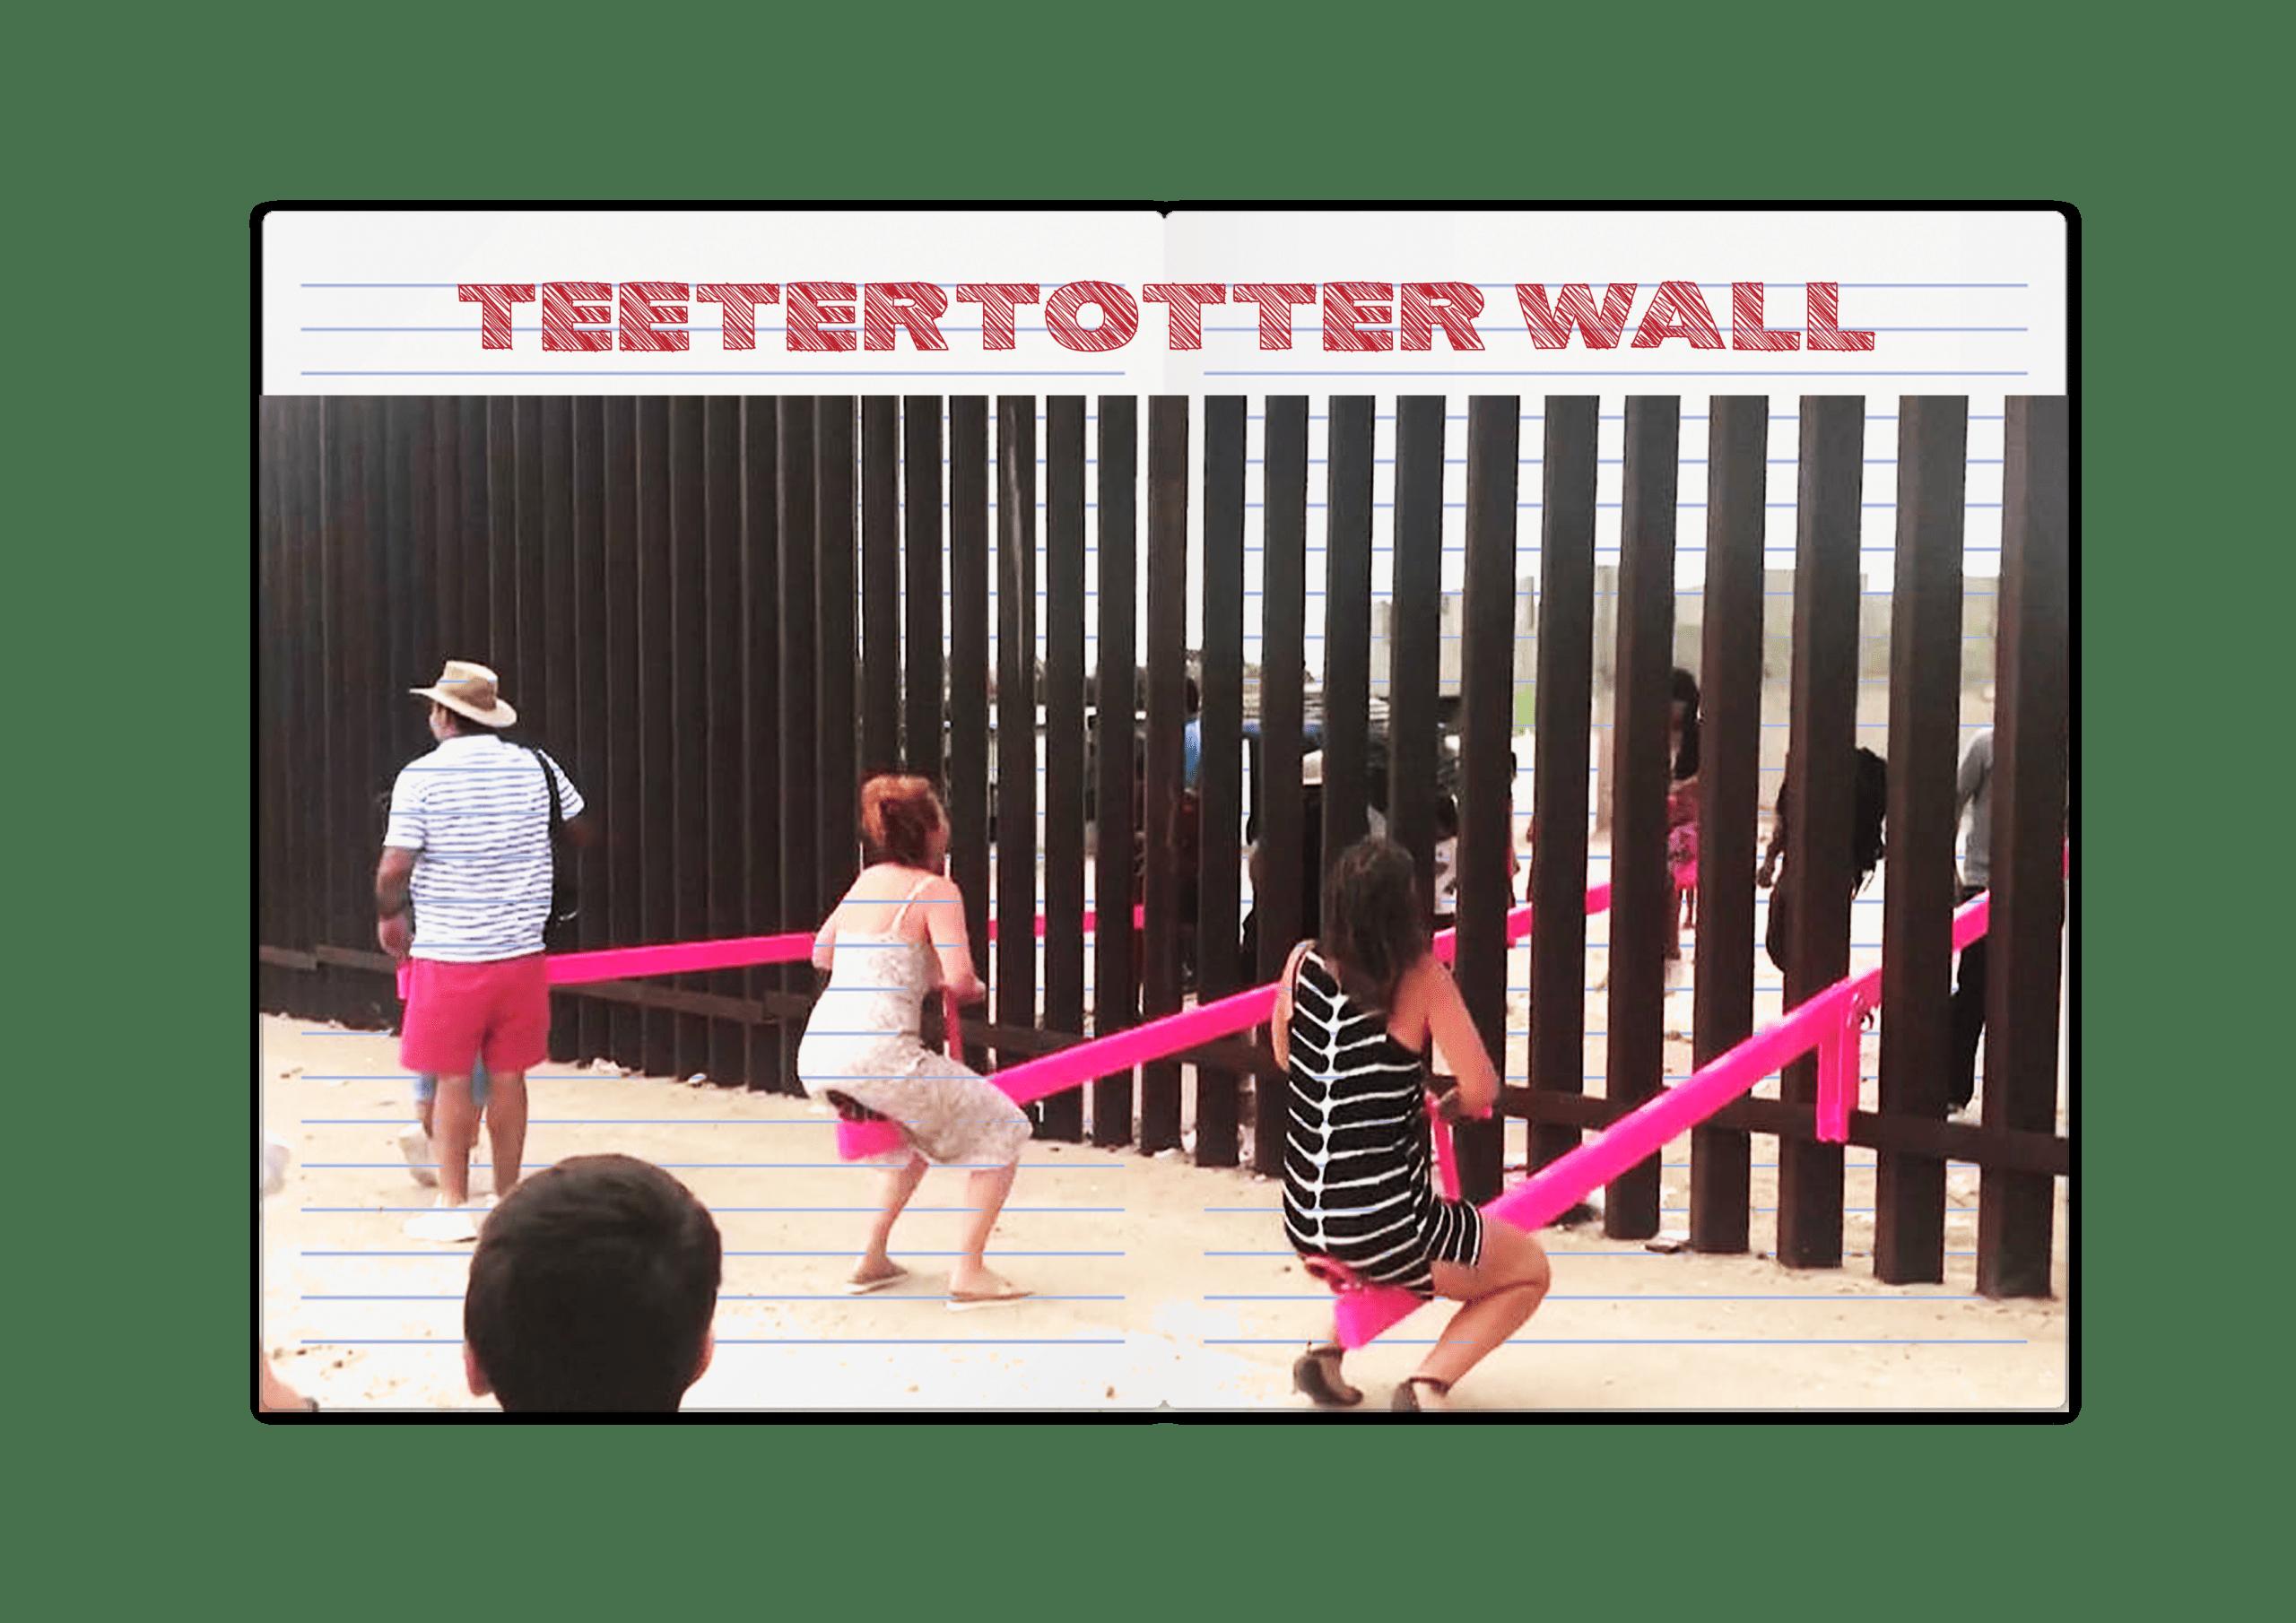 פרויקט חדש- ילדים משני צידי החומה משחקים ביחד